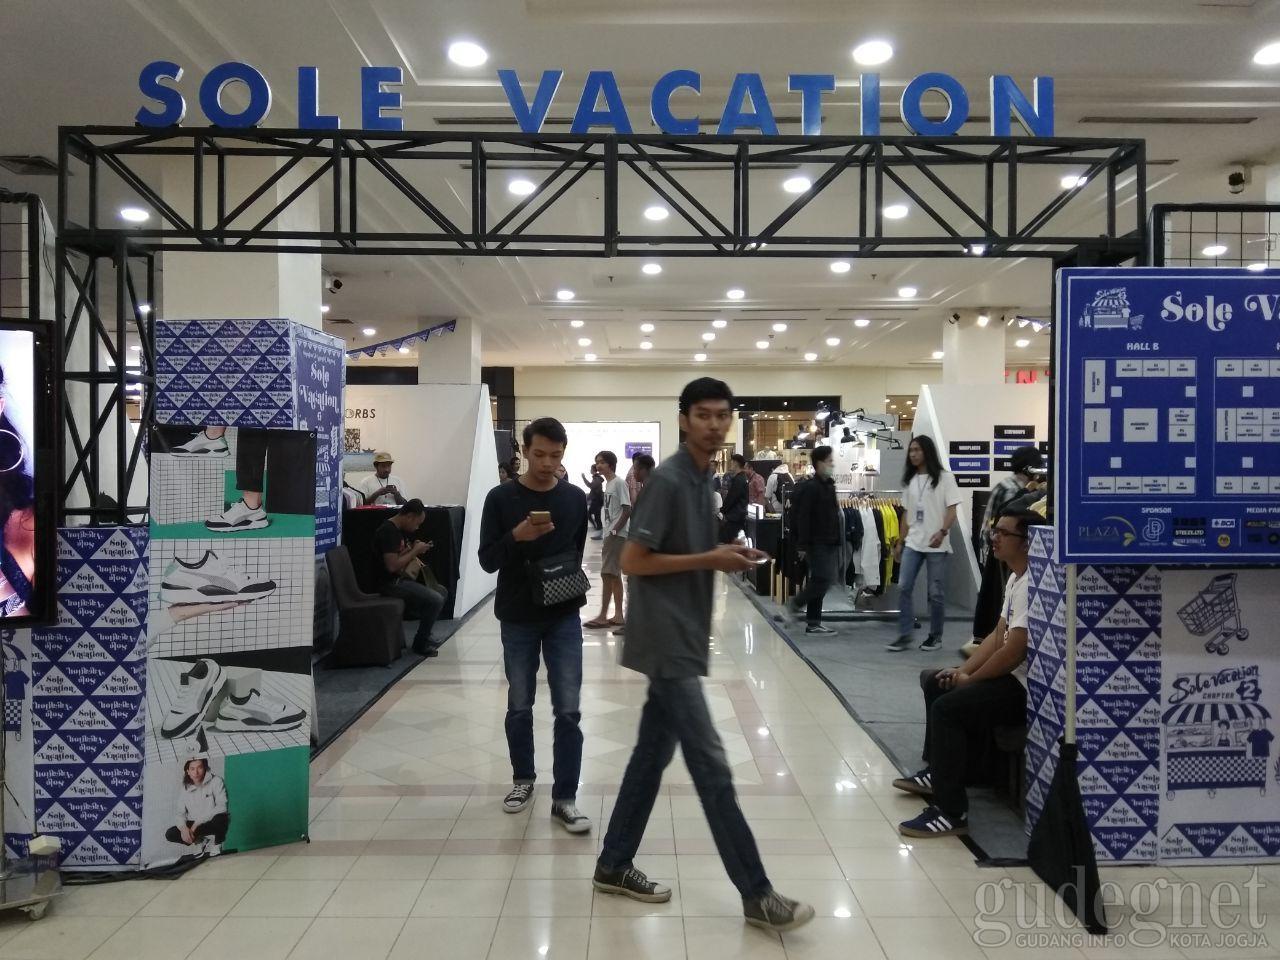 Solevacation, Sneaker and Apparel Market Hadir di Plaza Ambarrukmo